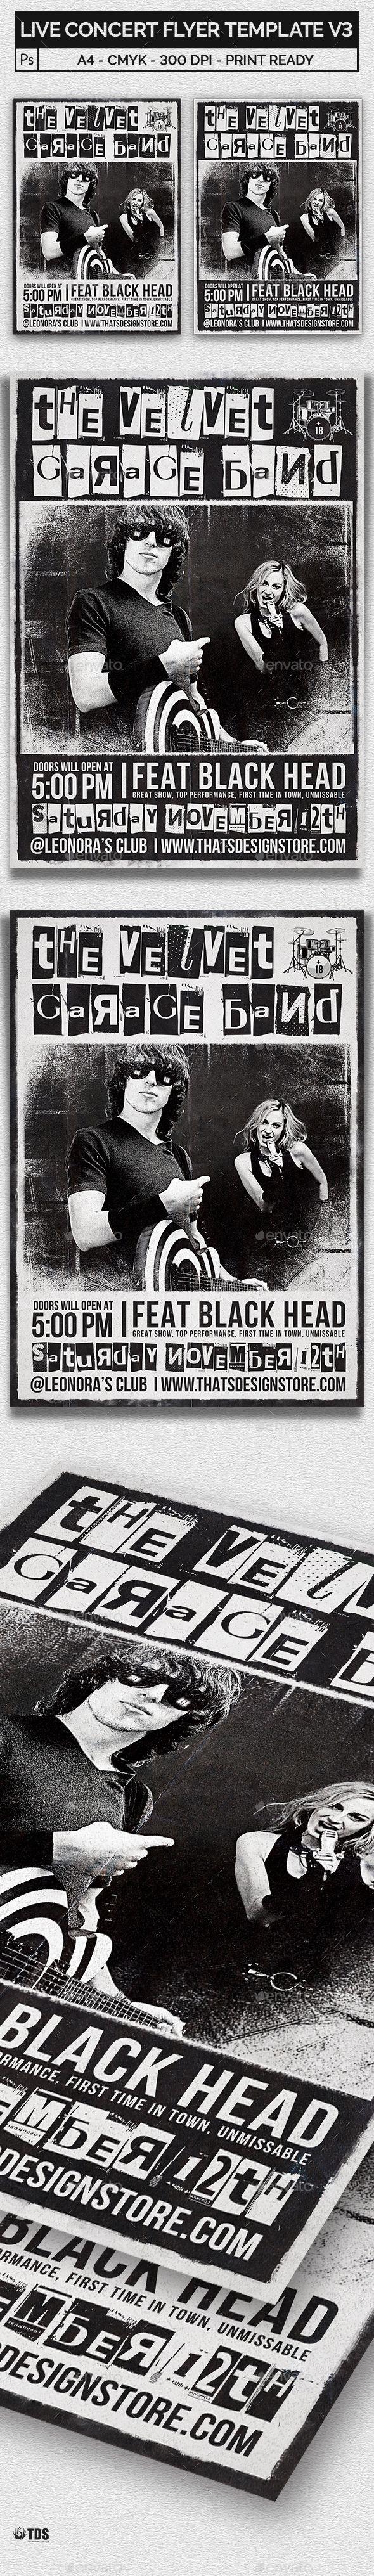 Live Concert Flyer Template V3 | Concert flyer, Flyer template and ...